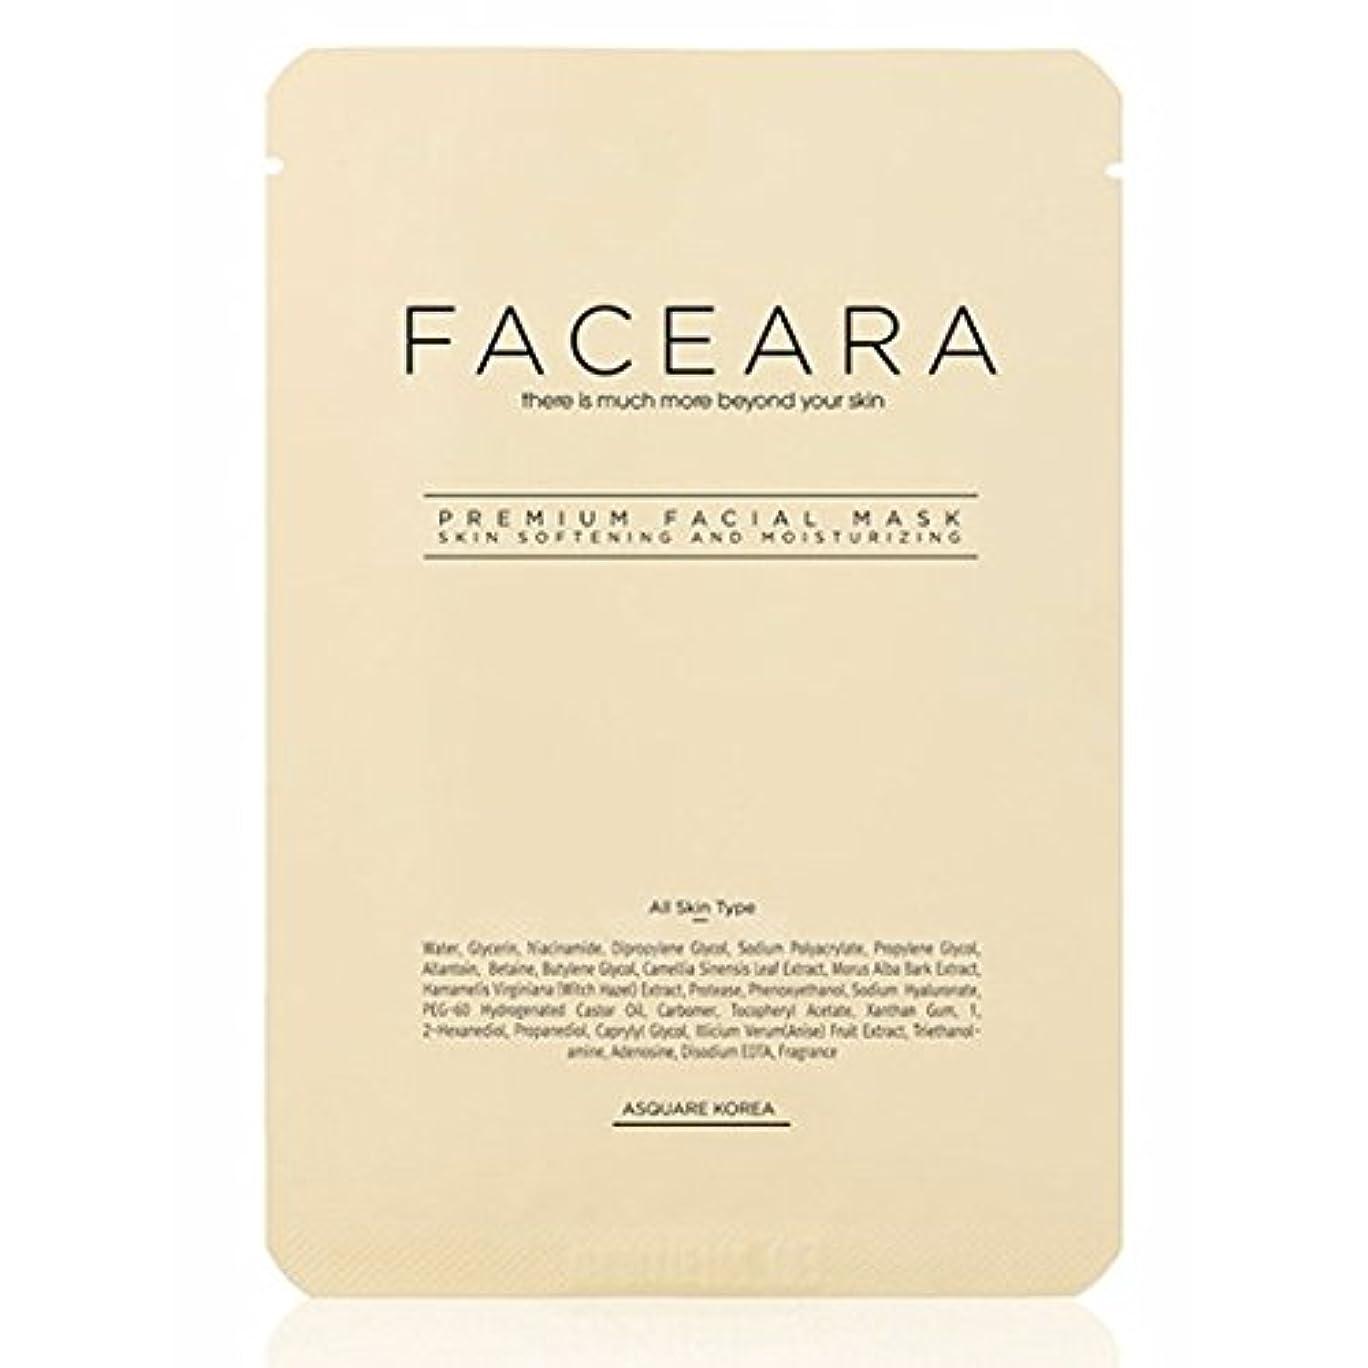 診断する出会いショート[並行輸入品] FACEARA スクラブ&スーパーモイスチャライザー用プレミアムフェイシャルマスクシート25g 10本セット / FACEARA Premium Facial Mask Sheet for Scrub &...